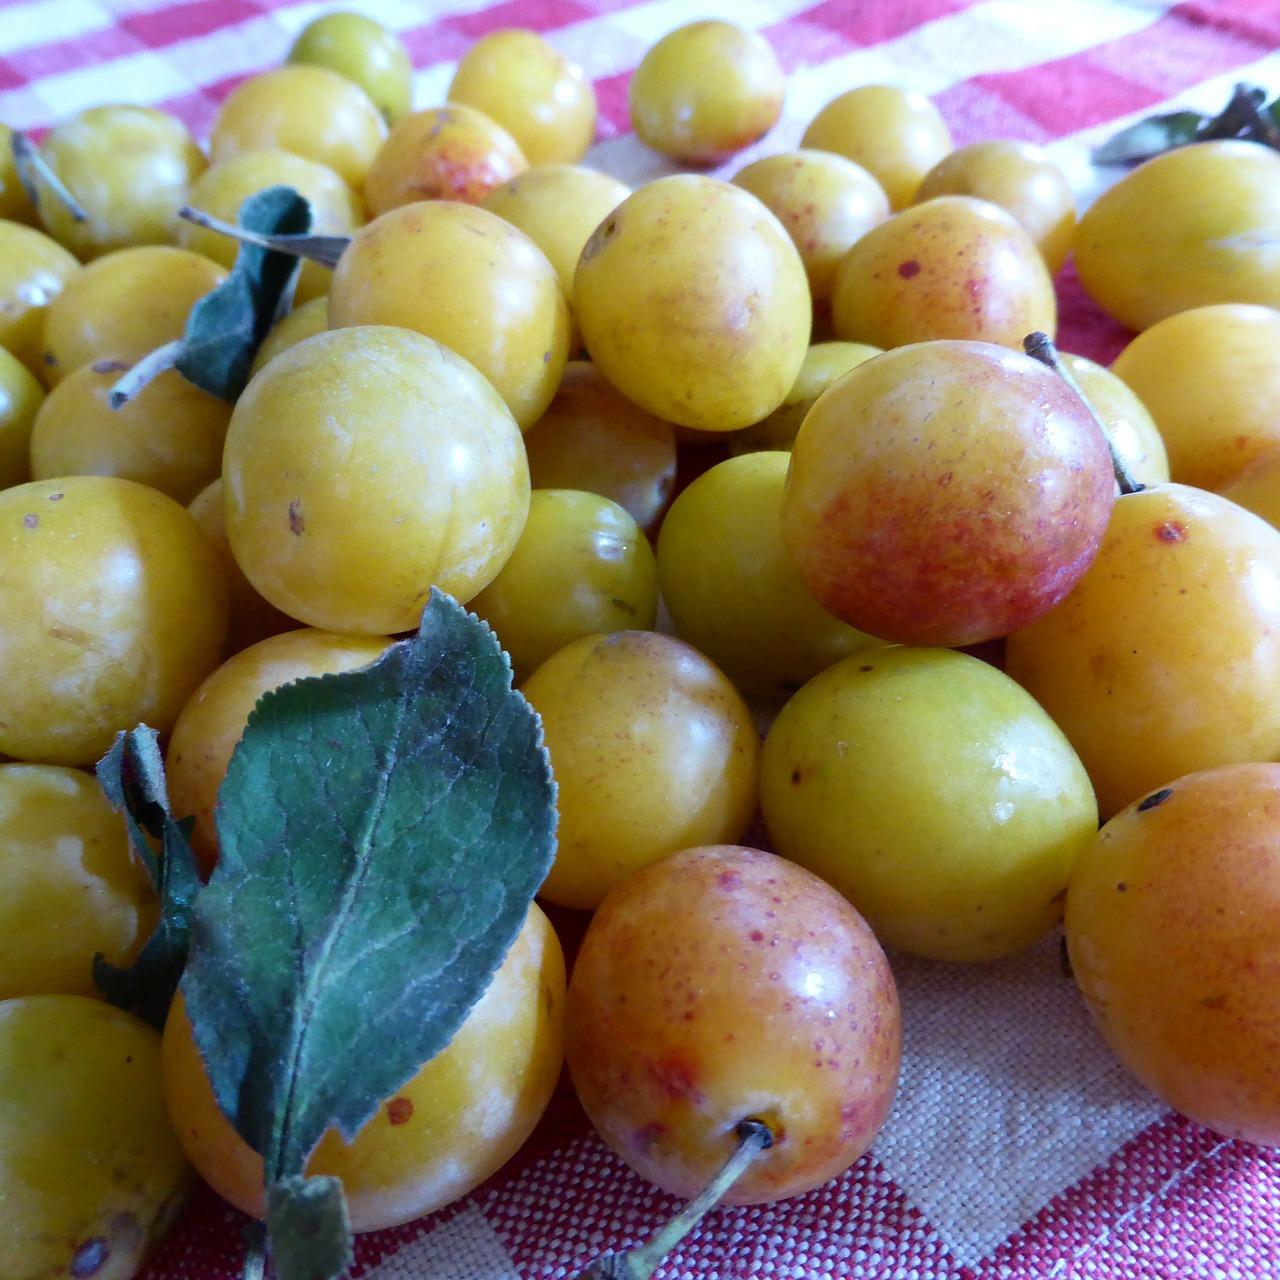 Crostata di prugne gialle fresche